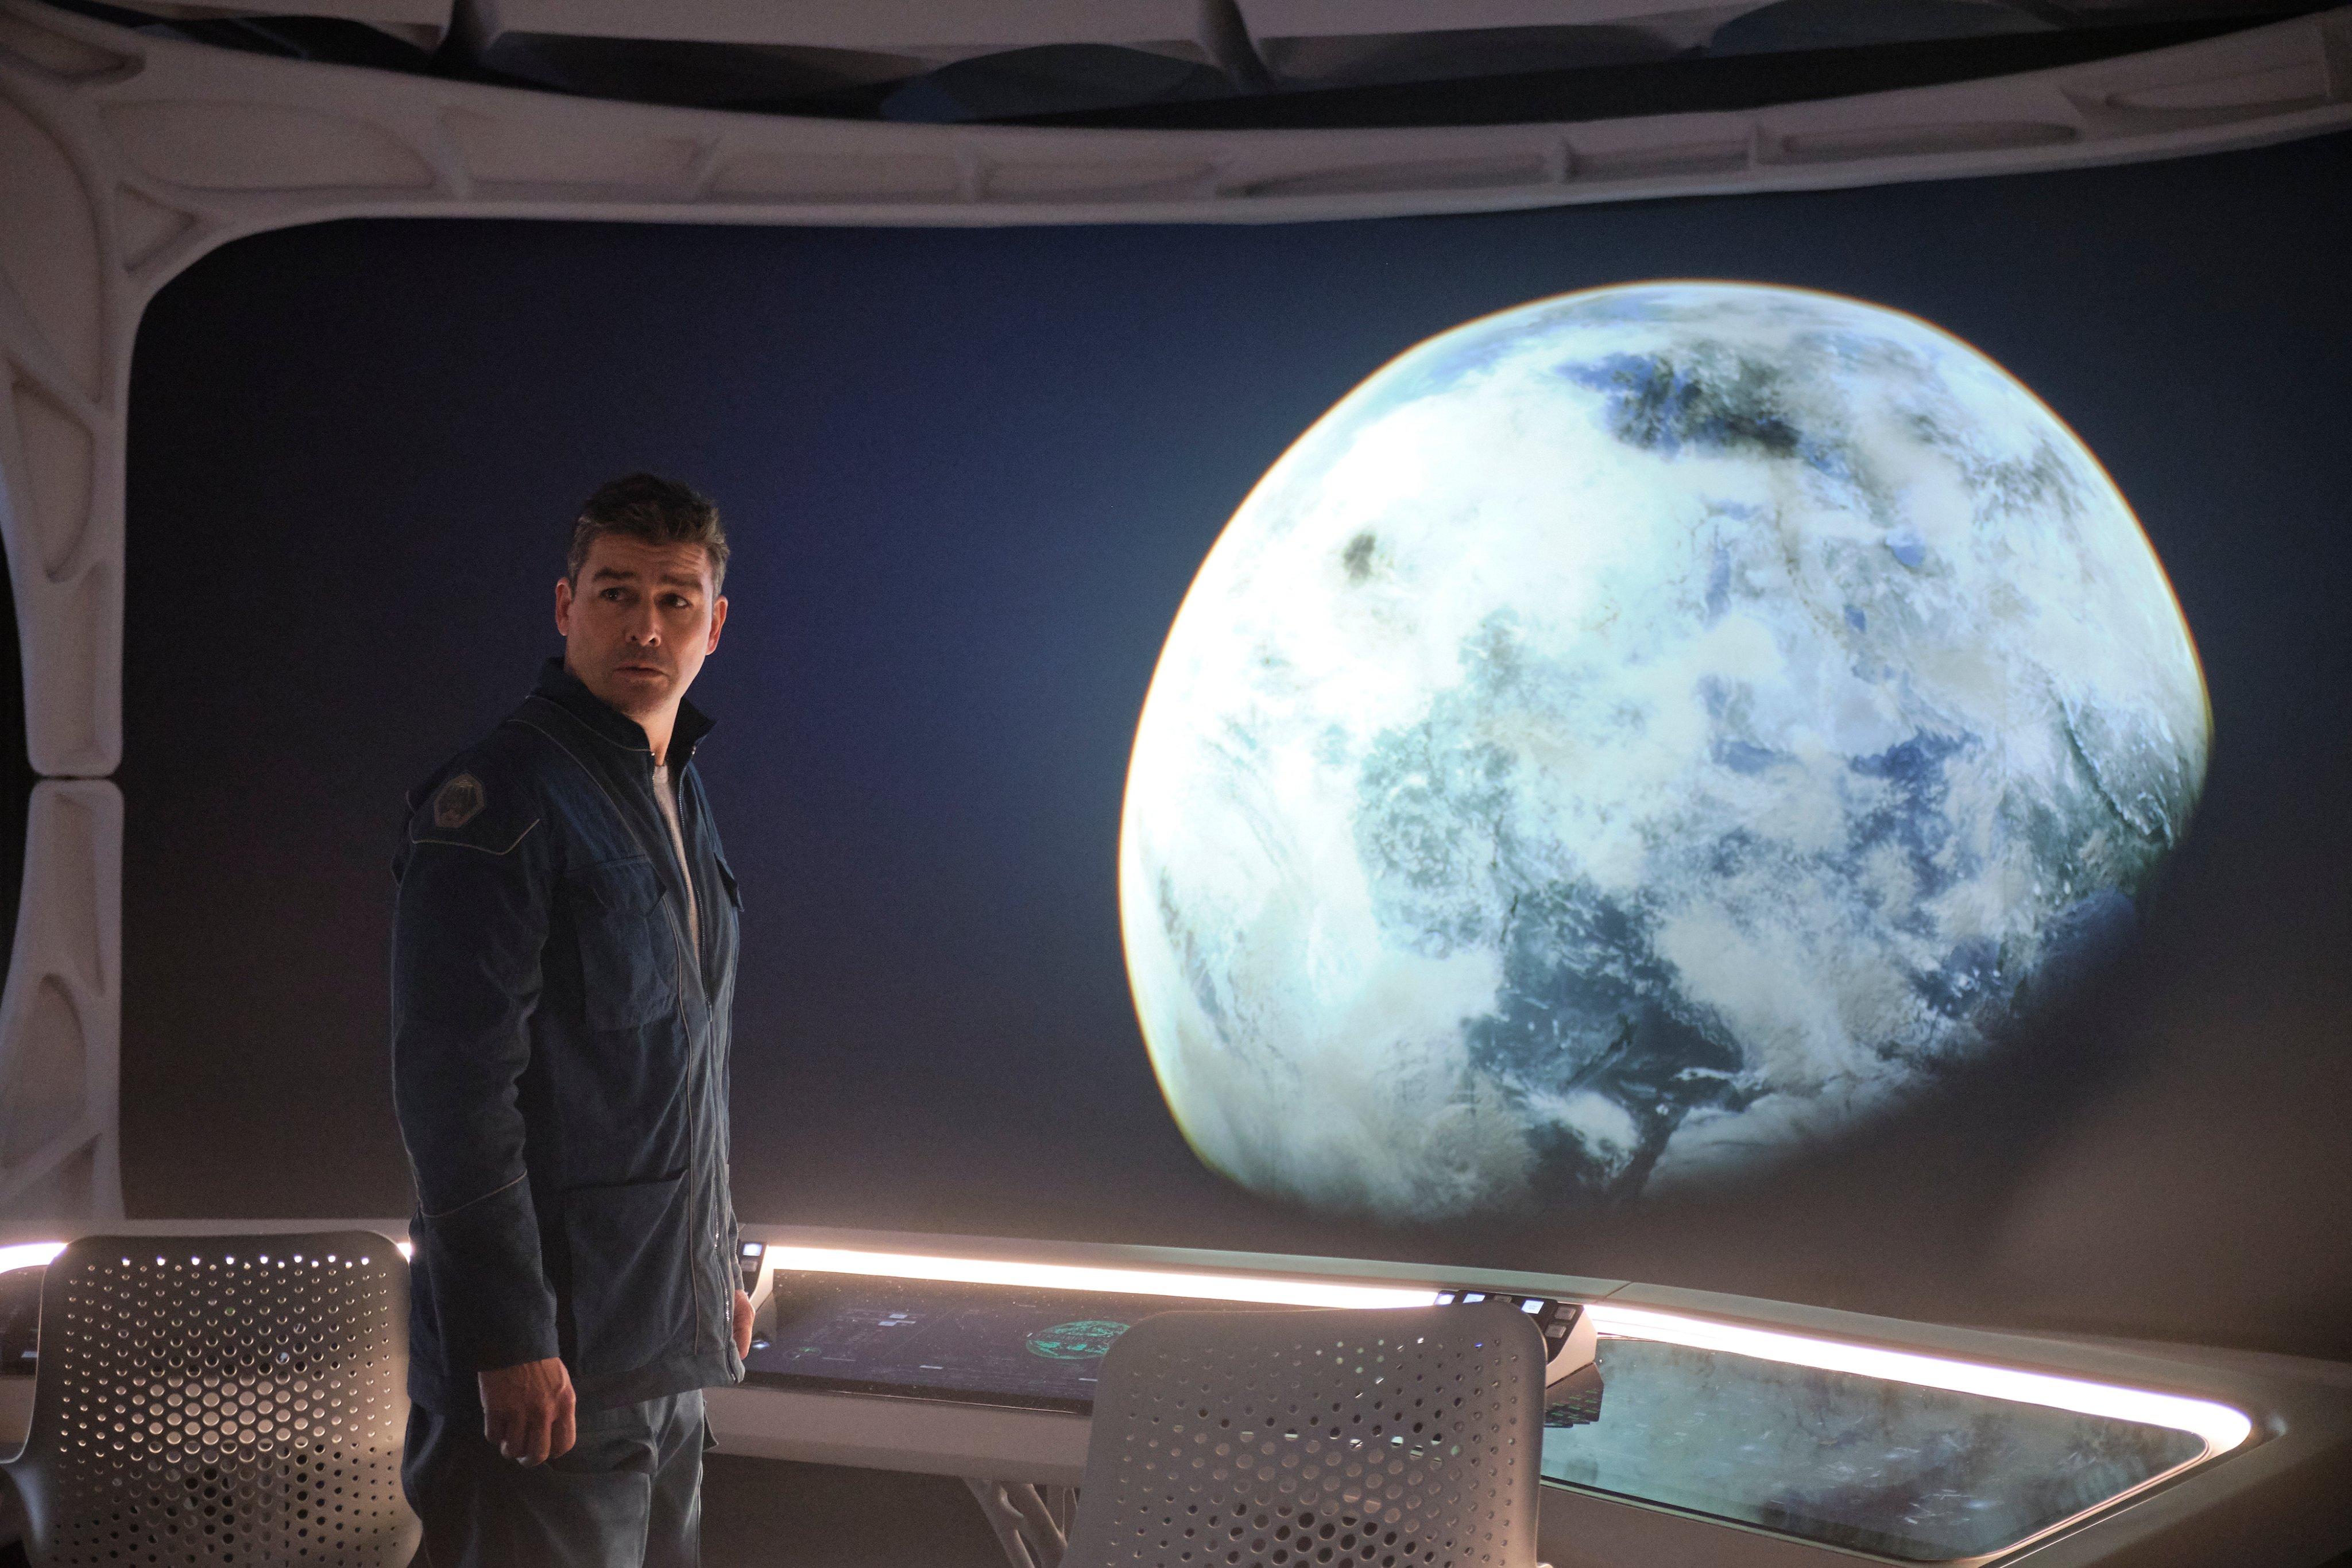 Οι πρώτες εικόνες από την ταινία του Netflix, όπου πρωταγωνιστεί ο Τζορτζ Κλούνεϊ